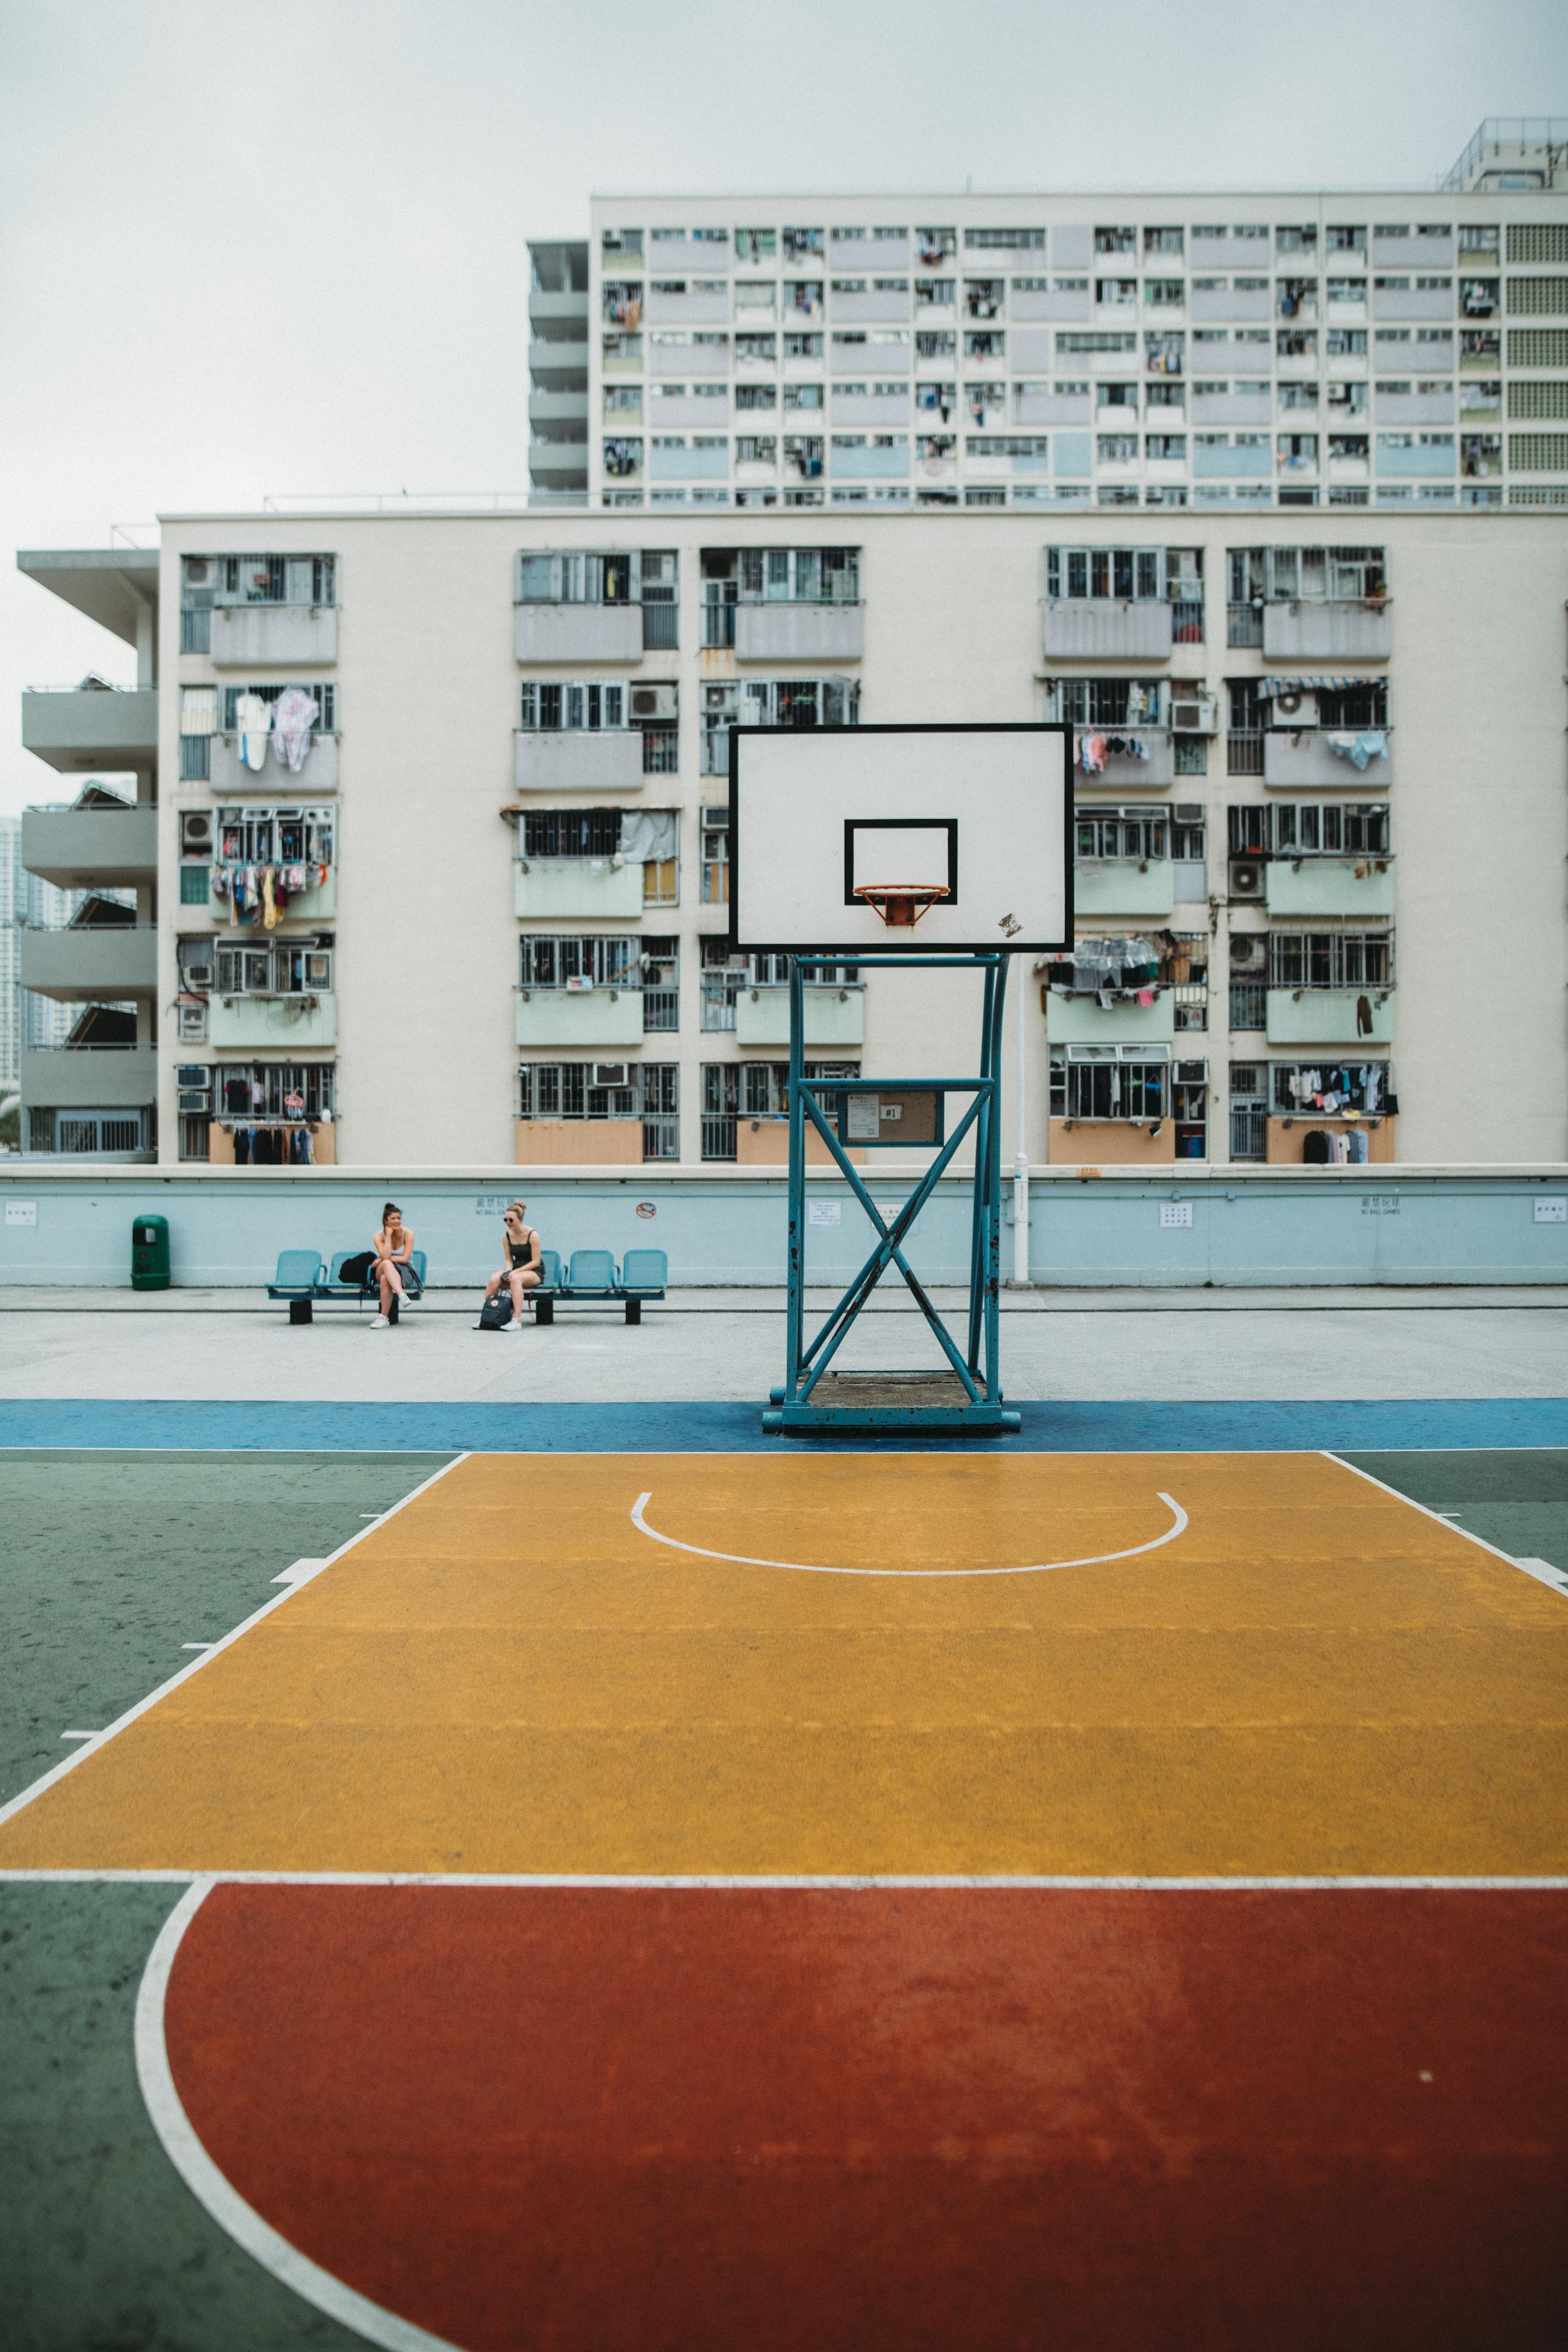 Hong Kong Basketball Courts Justin Lim